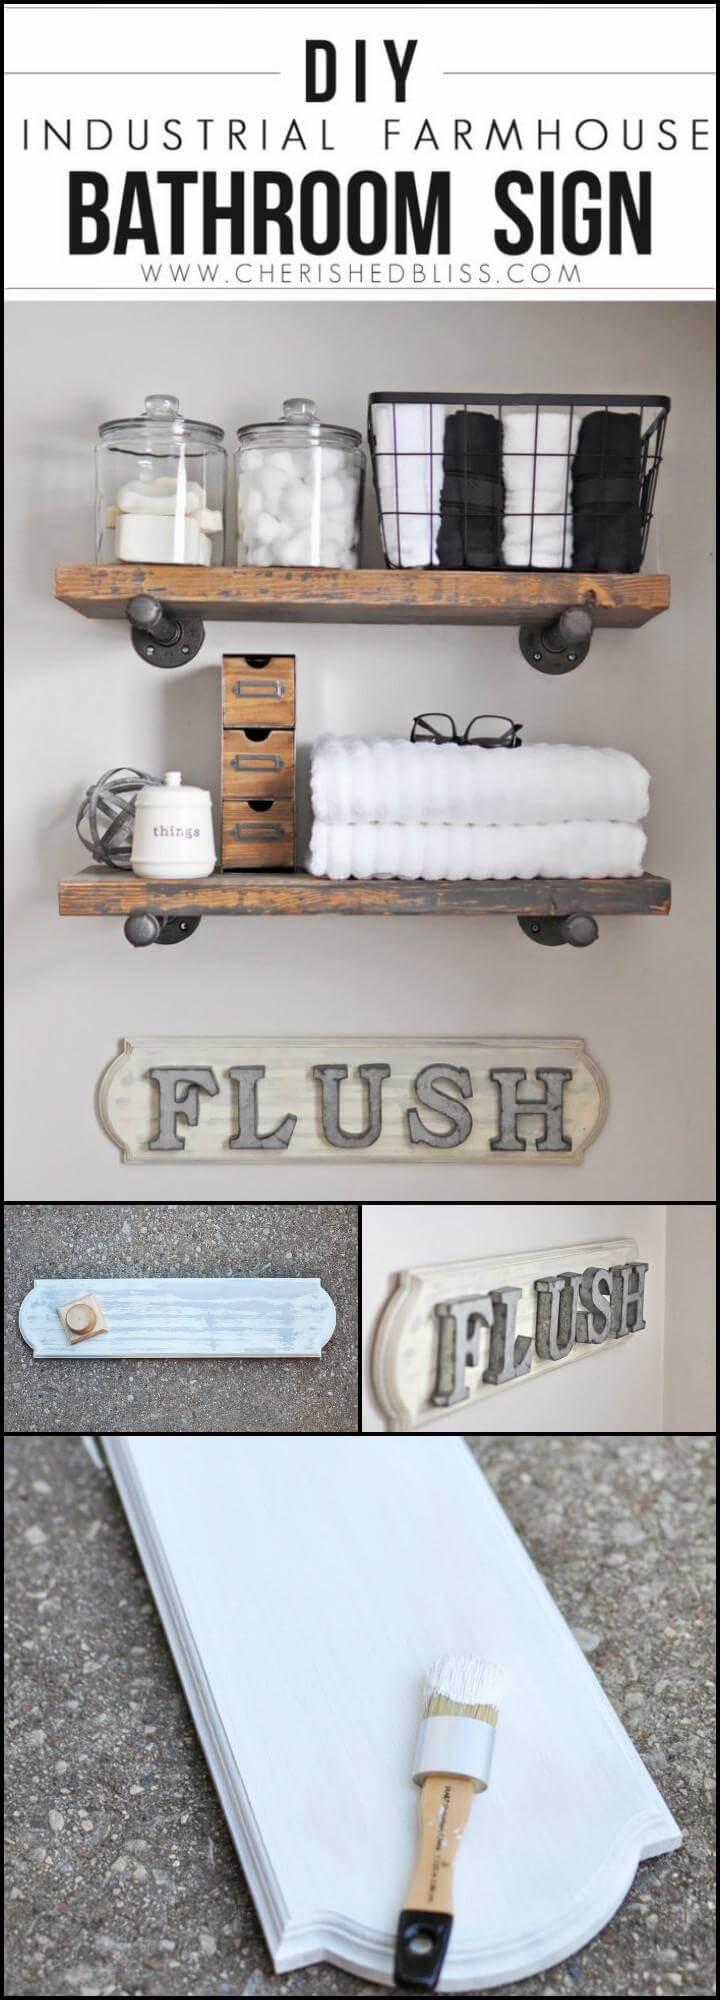 easy handmade industrial farmhouse bathroom sign